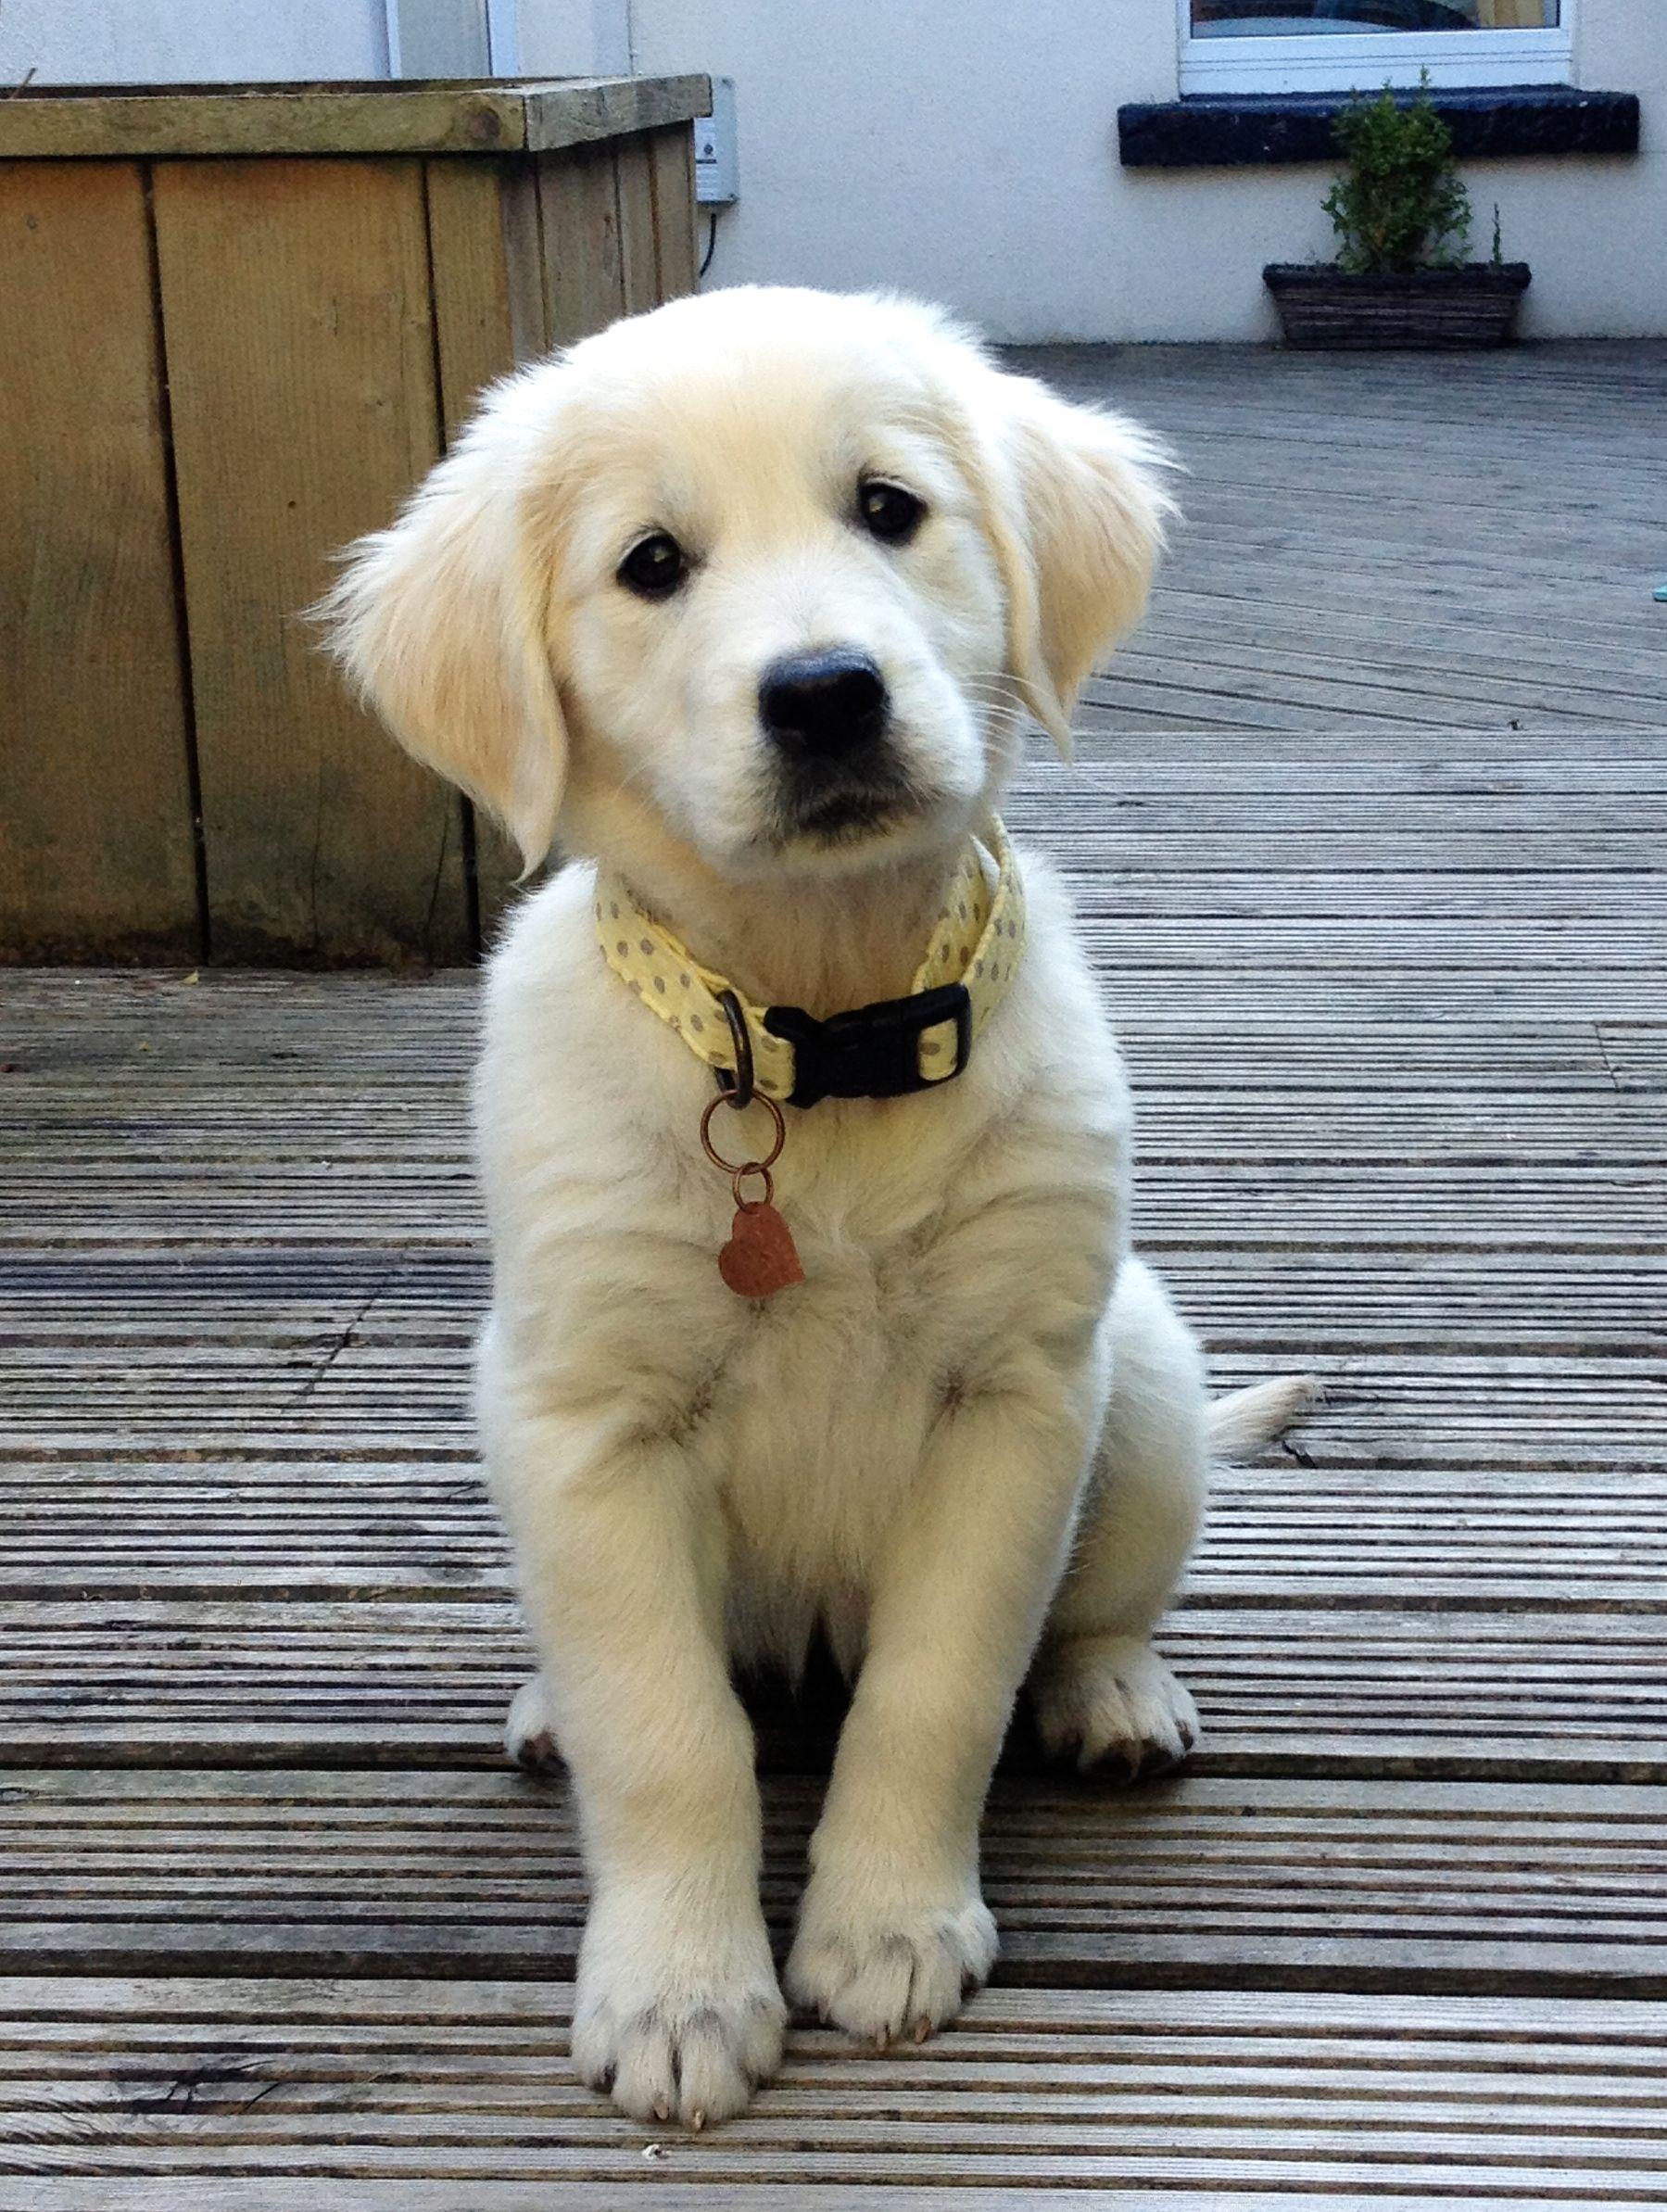 Pawsforpets Golden Puppy Golden Retriever Cute Dogs